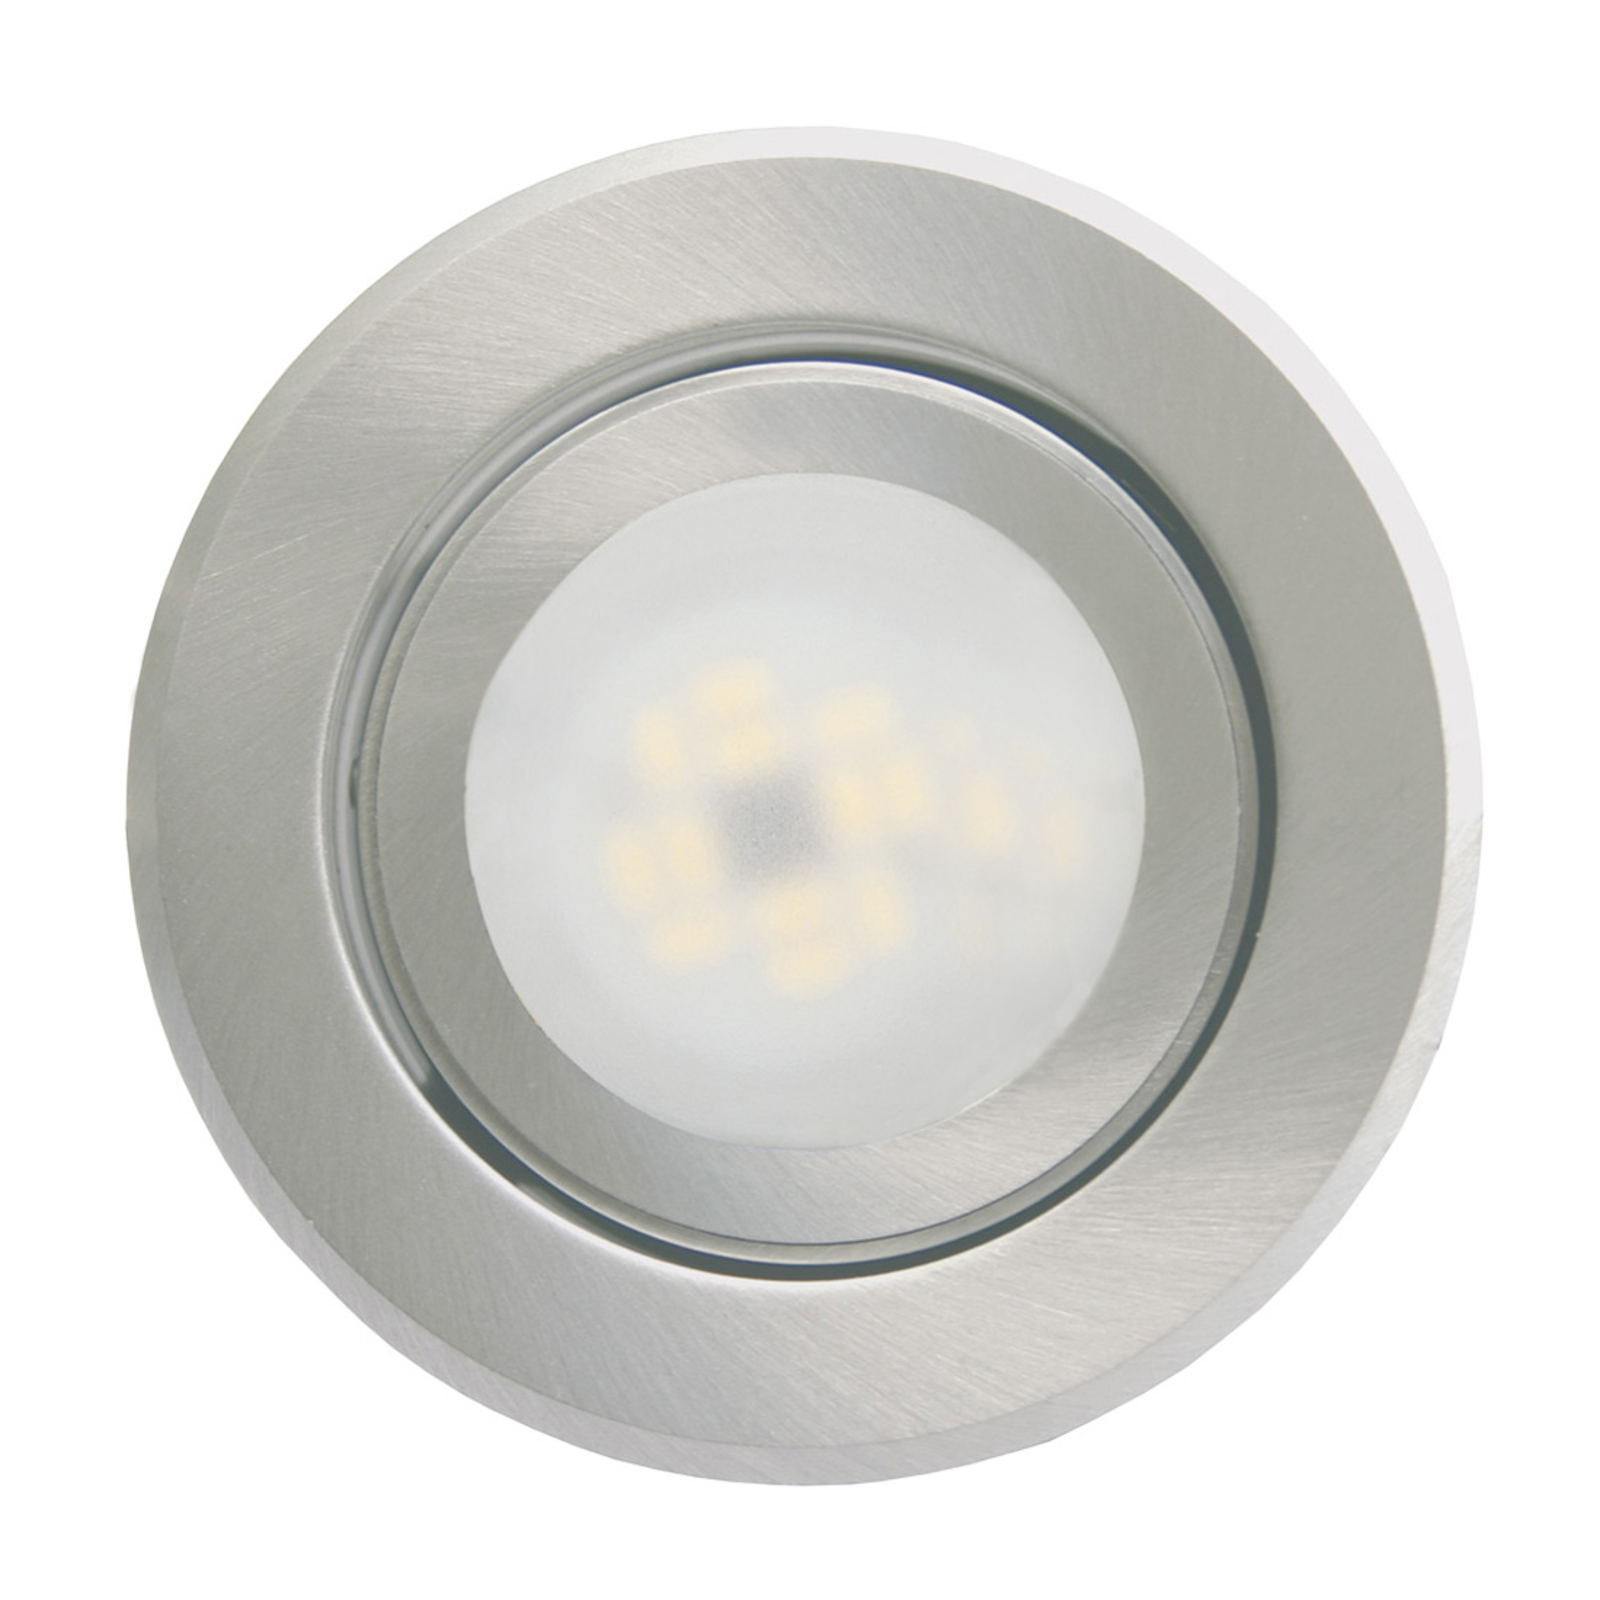 Inbyggnadslampa Joanie med LED, borstat aluminium